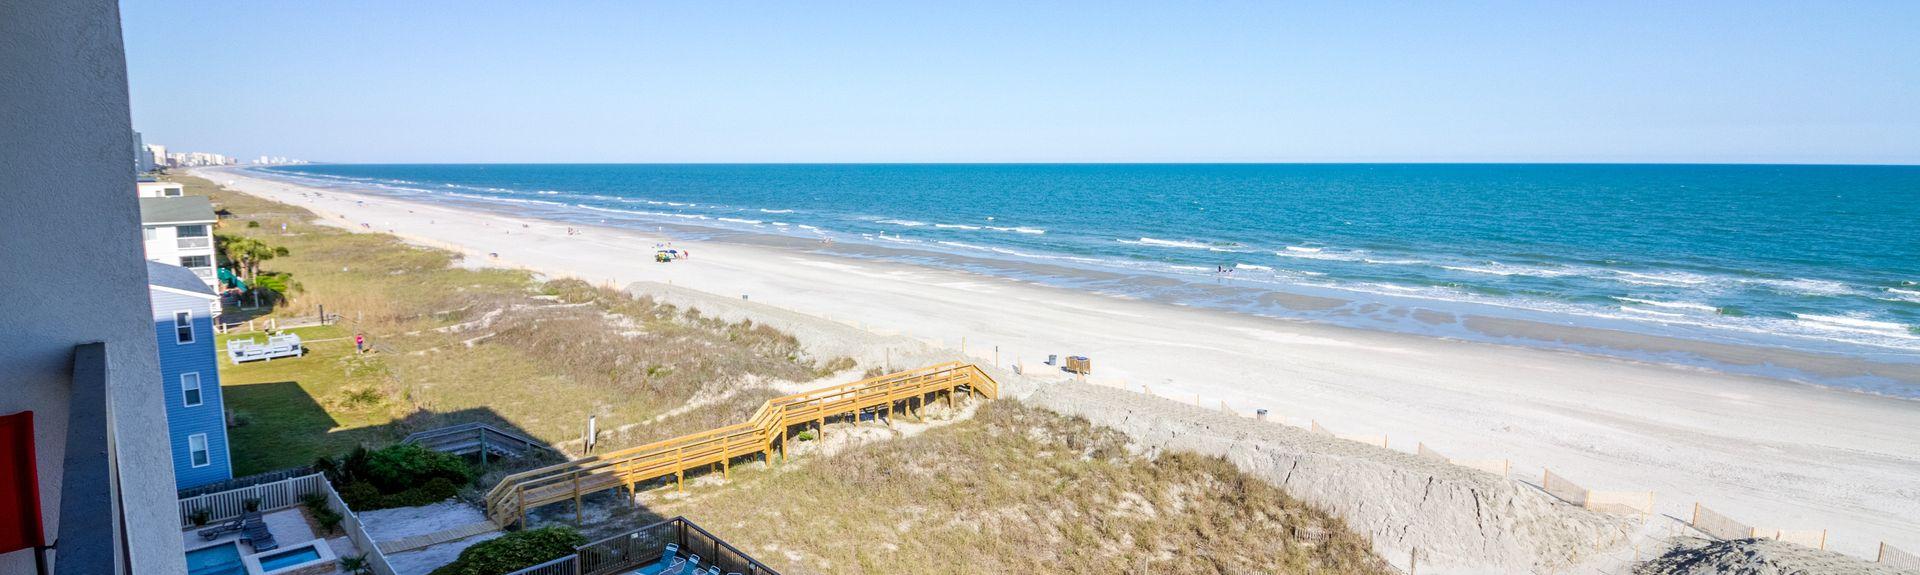 Waterpointe II (North Myrtle Beach, Carolina do Sul, Estados Unidos)